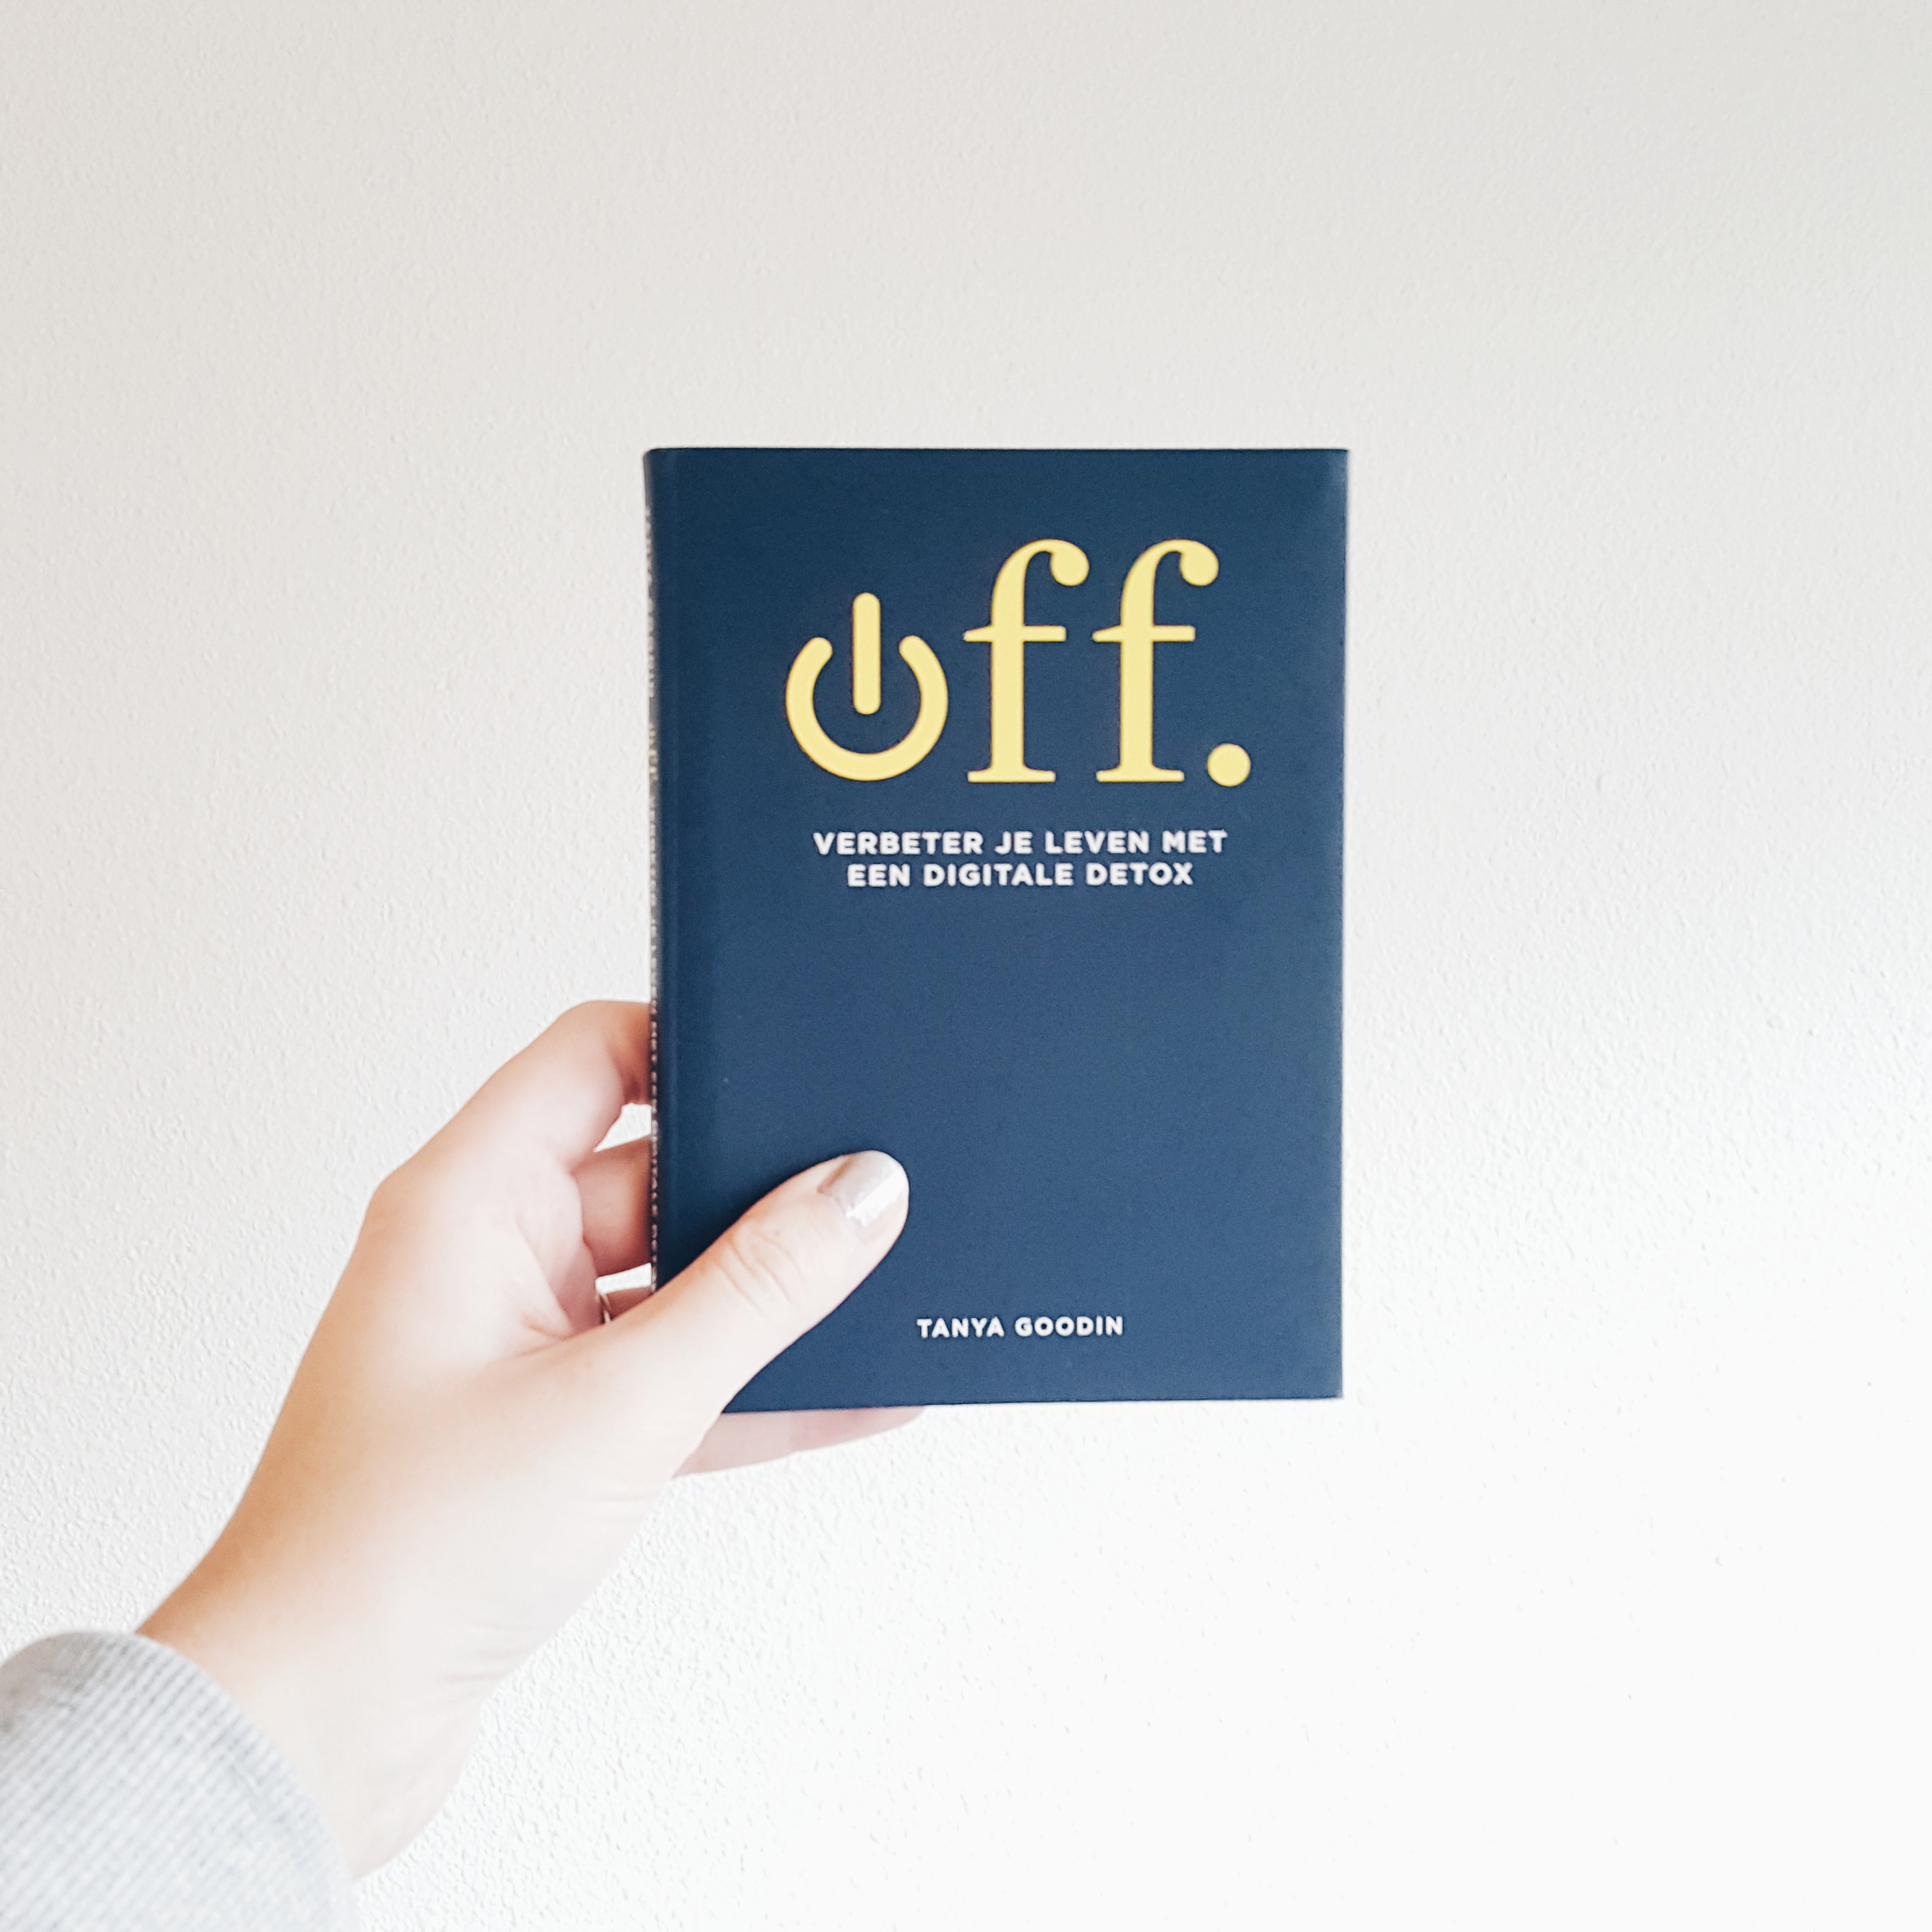 Off – Verbeter je leven met een digitale detox met Tanya Goodin